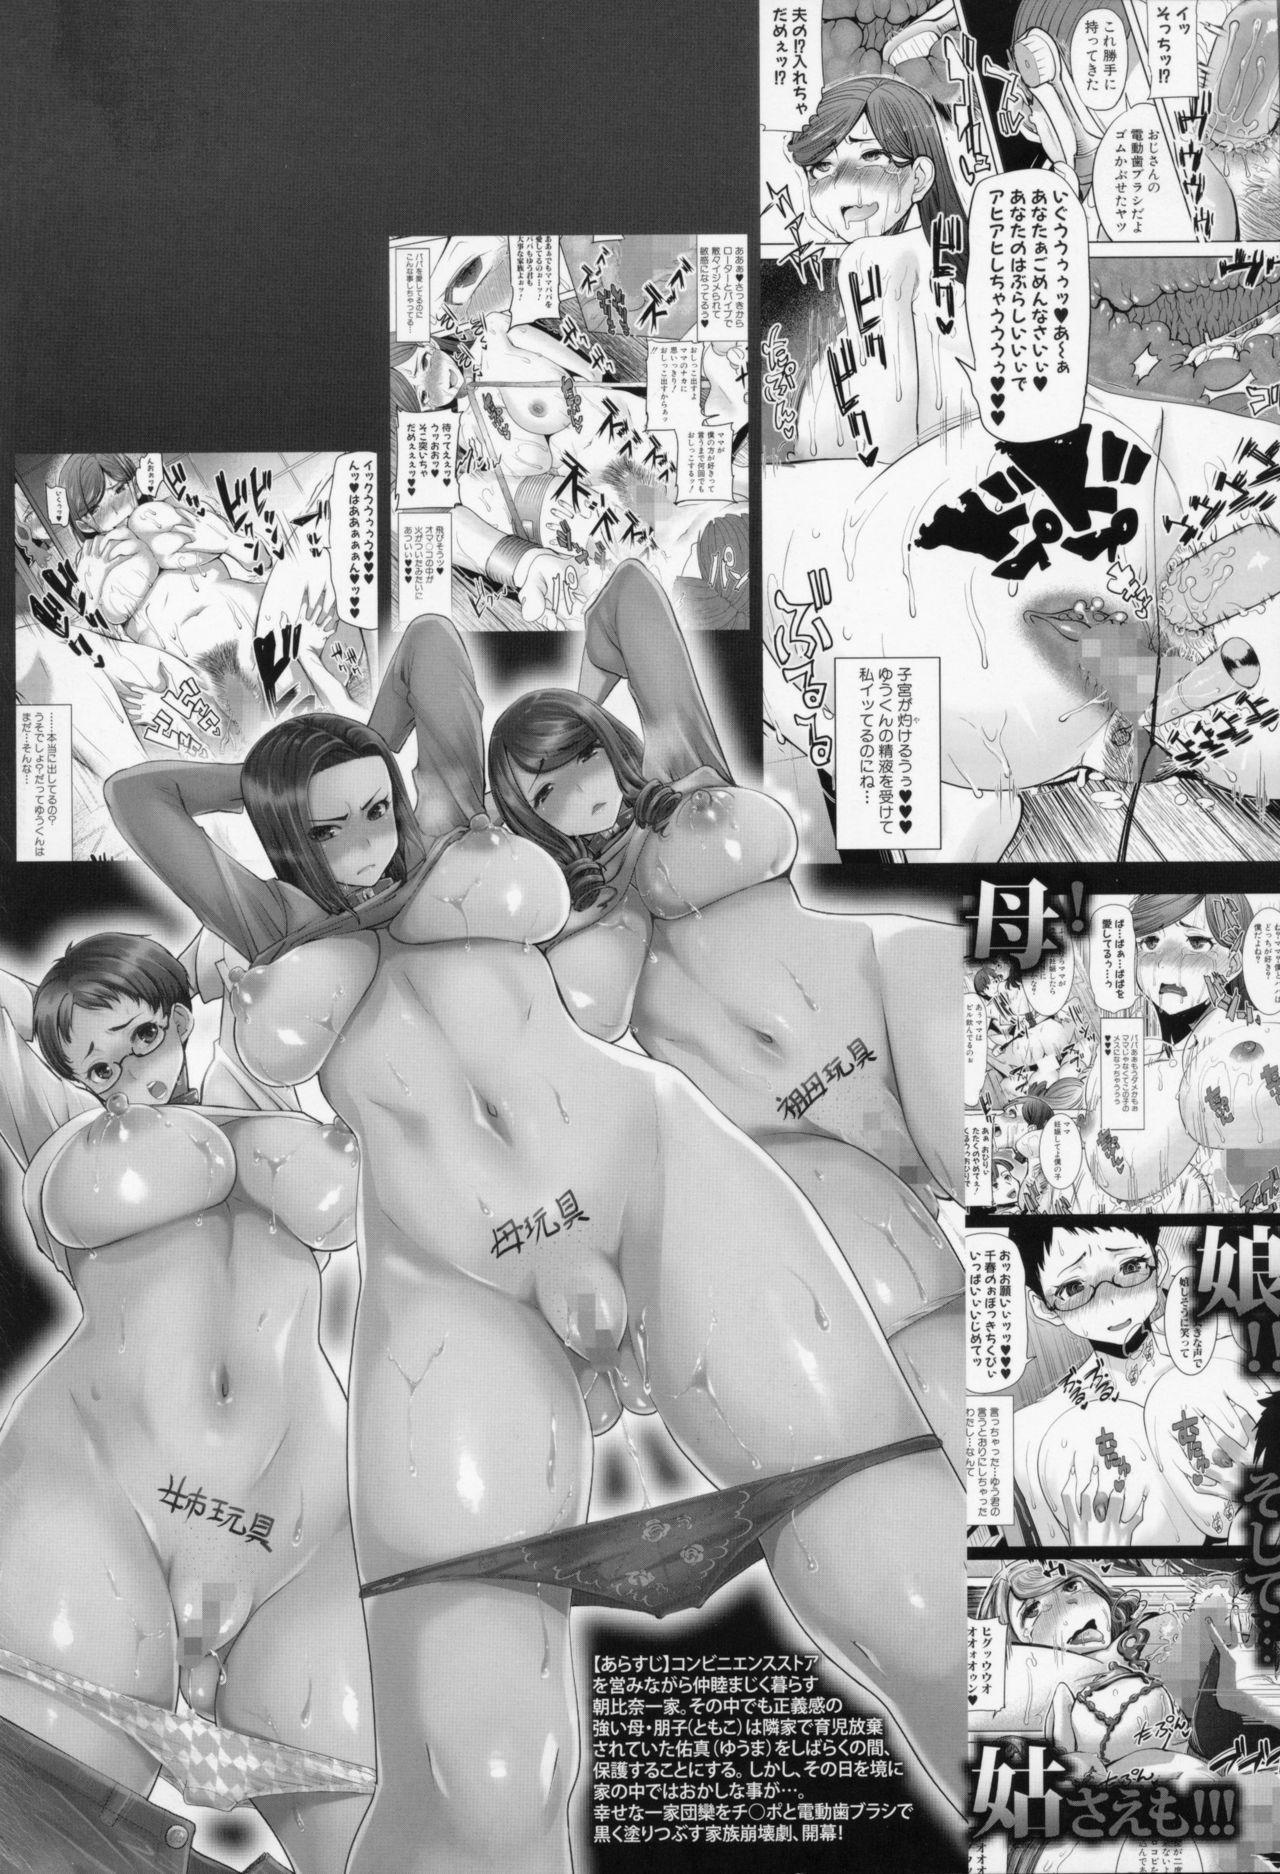 Unsweet - Asahina Ikka Netorareta Haha · Tomoko 196